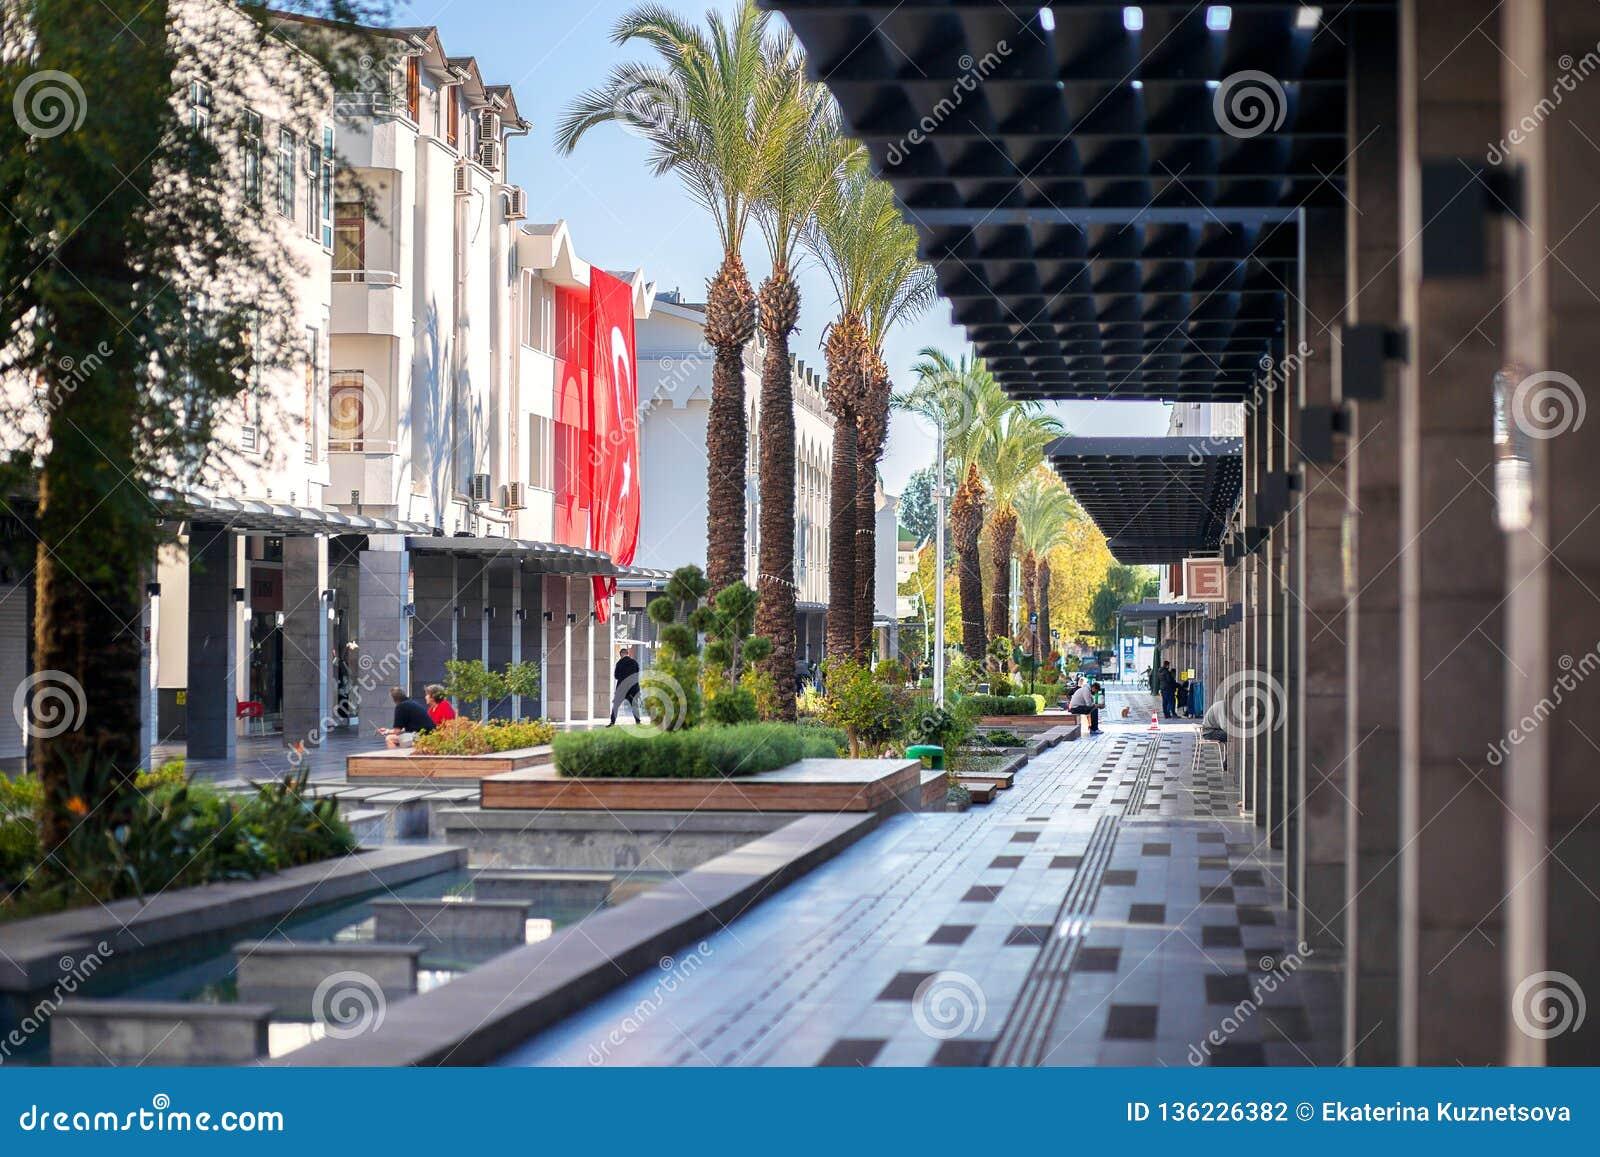 Le grand drapeau turc rouge accroche sur une de maisons La rue turque piétonnière avec la fontaine dans la ville de Kemer